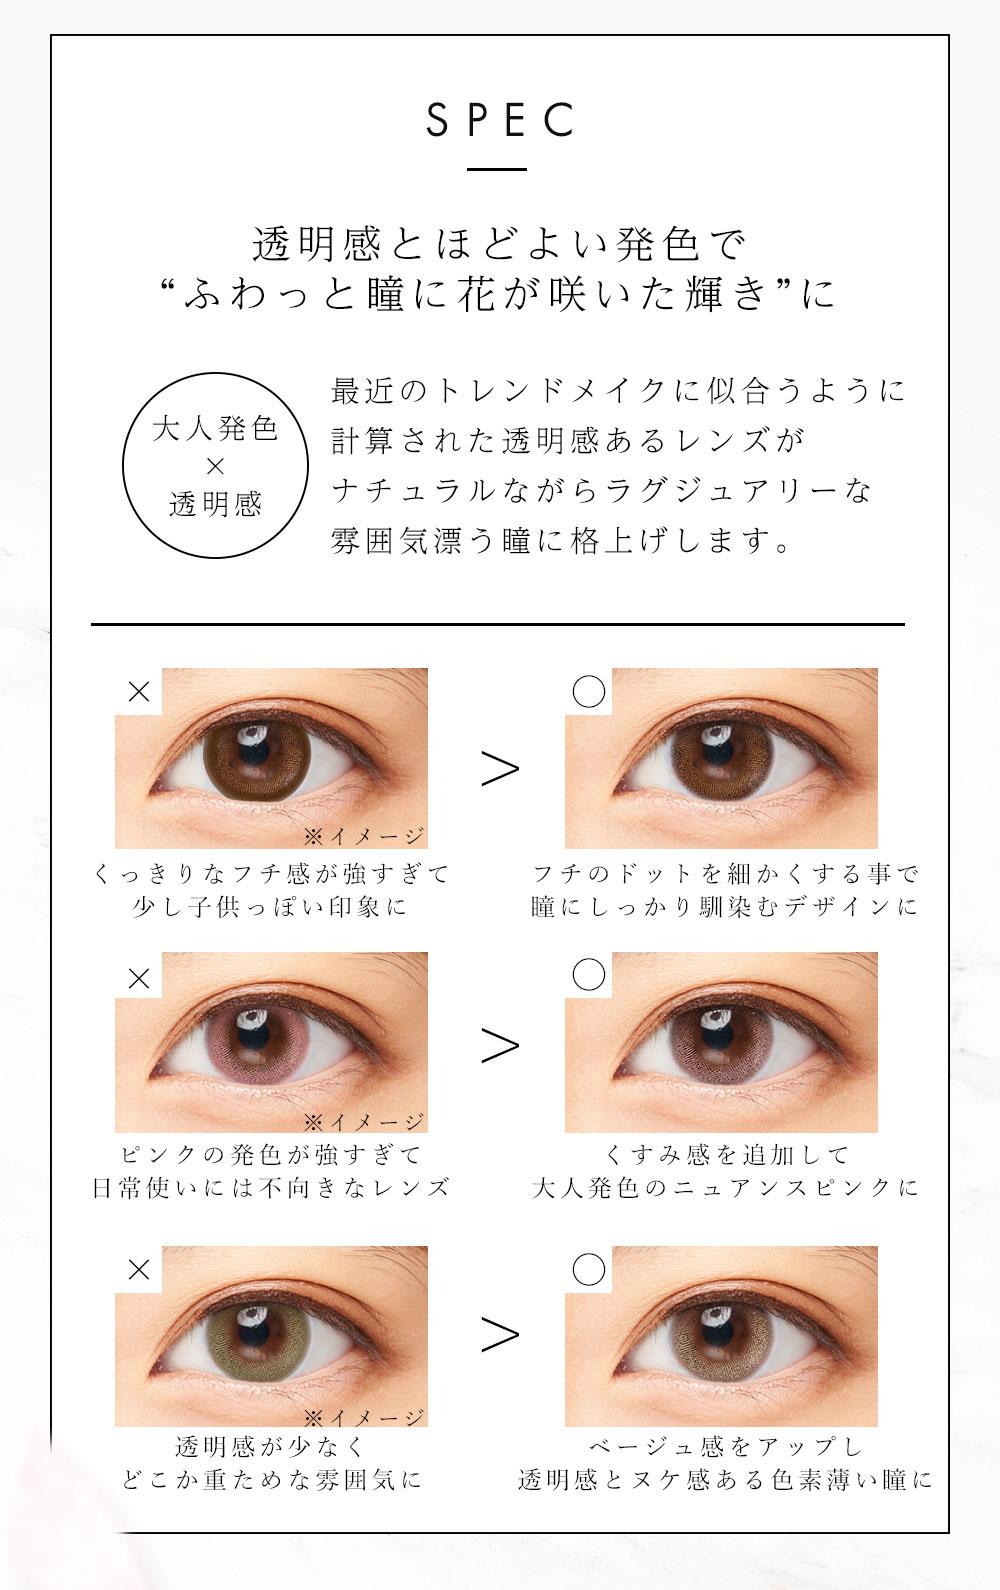 ダイヤDiyaブルームUVモイスト レンズスペック詳細